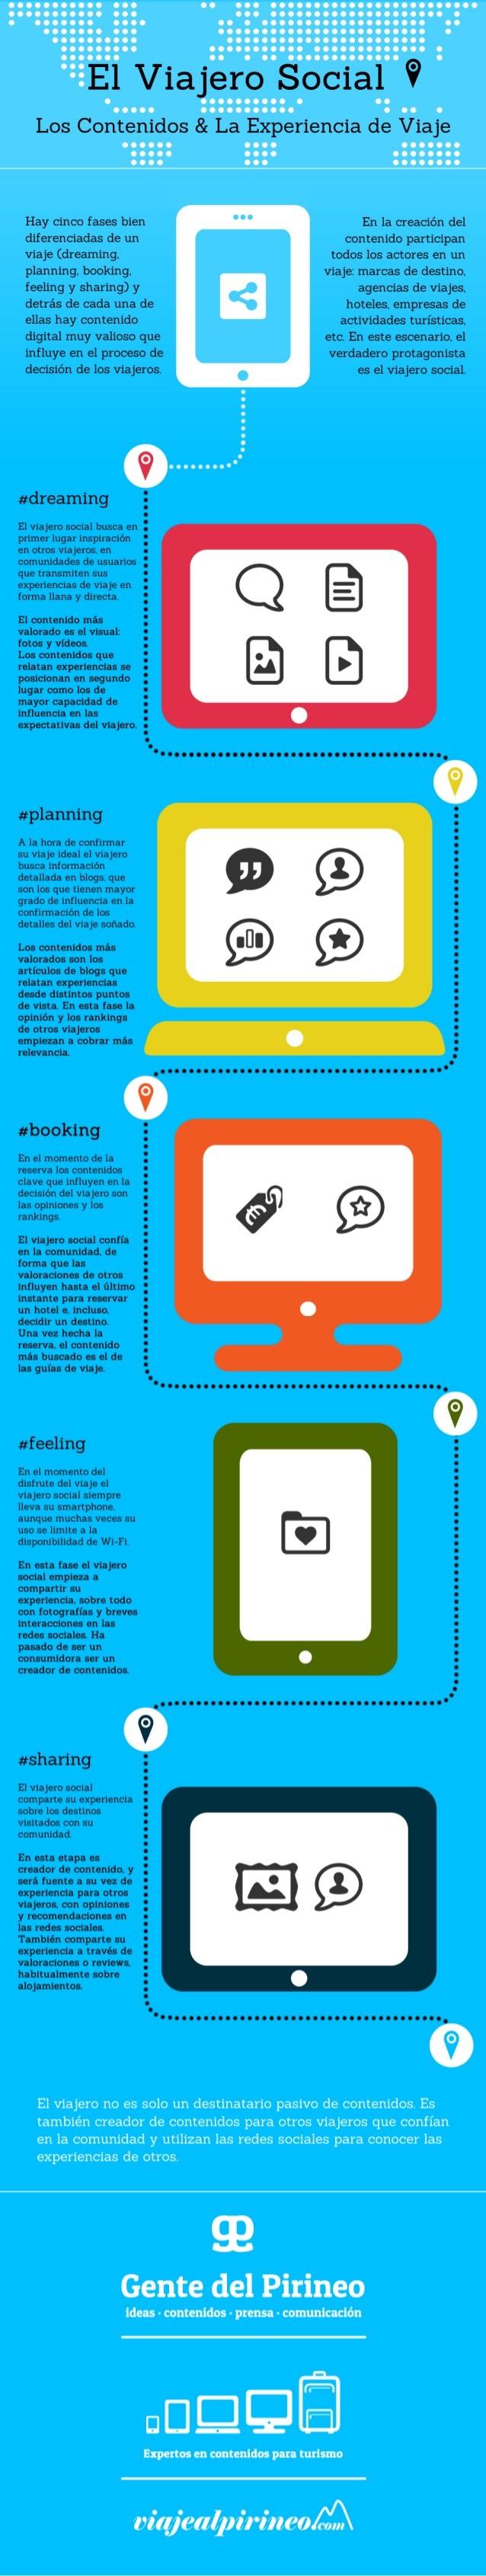 El viajero social (Infografía)